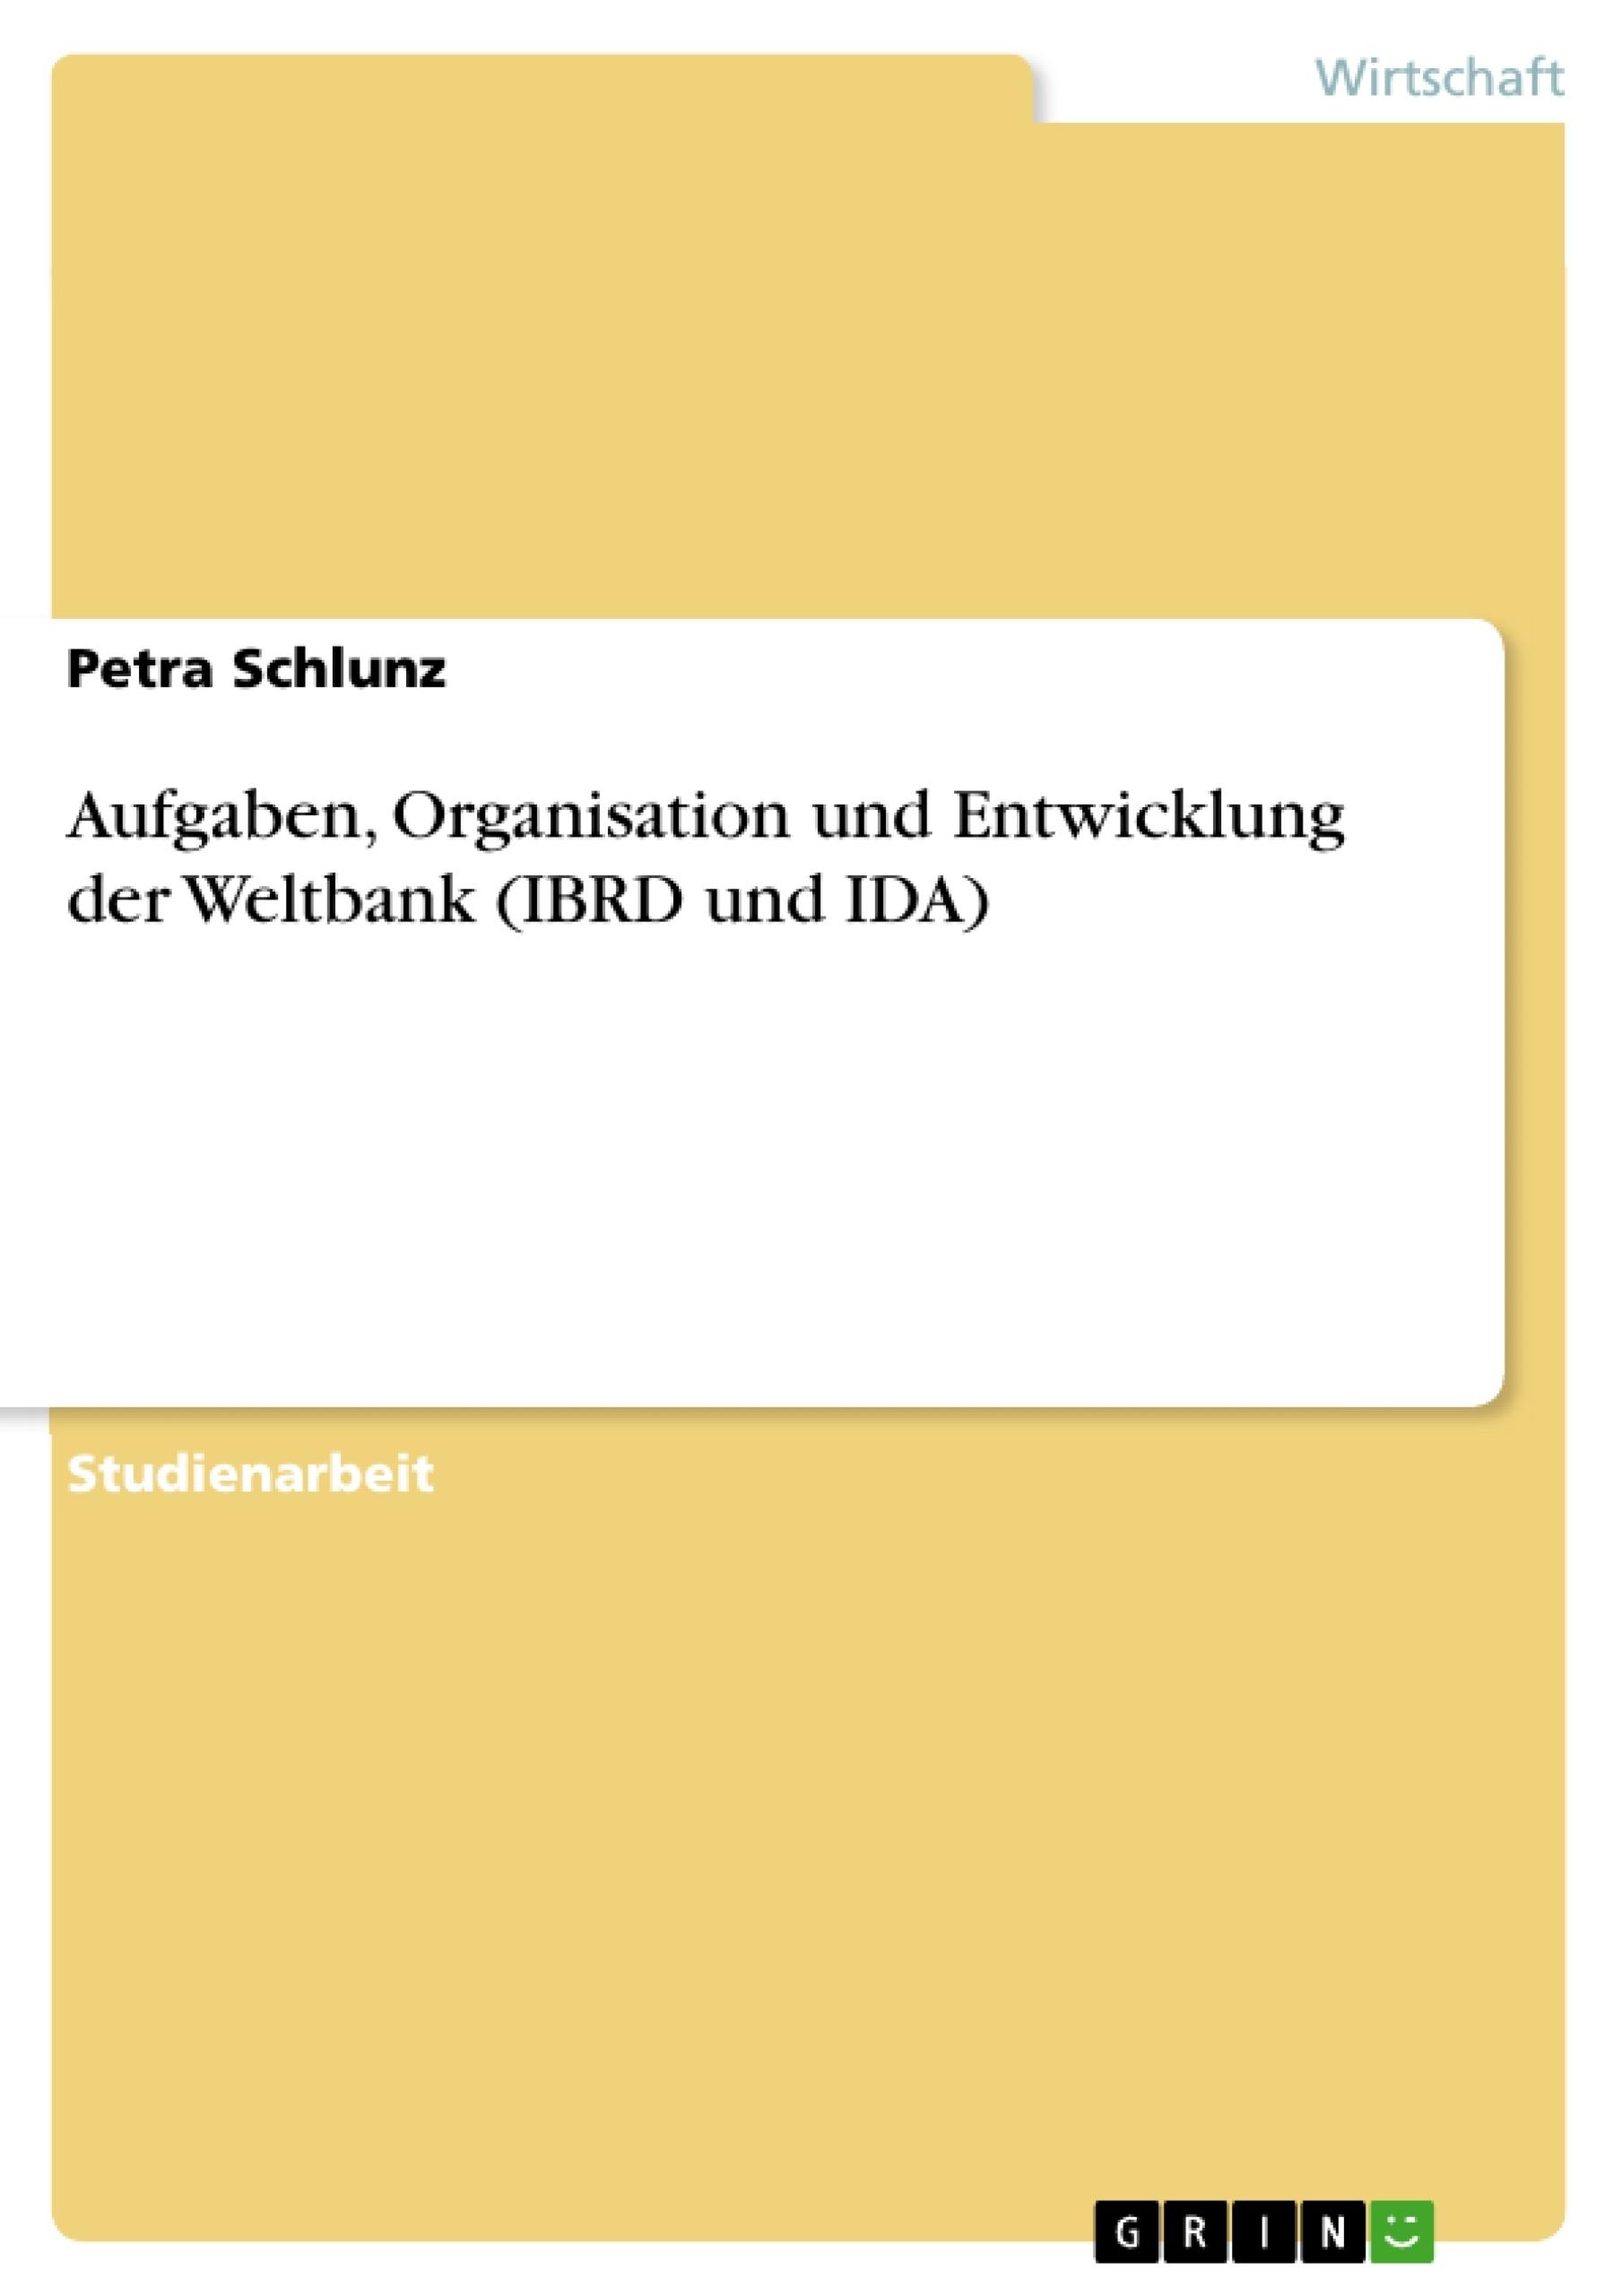 Titel: Aufgaben, Organisation und Entwicklung der Weltbank (IBRD und IDA)